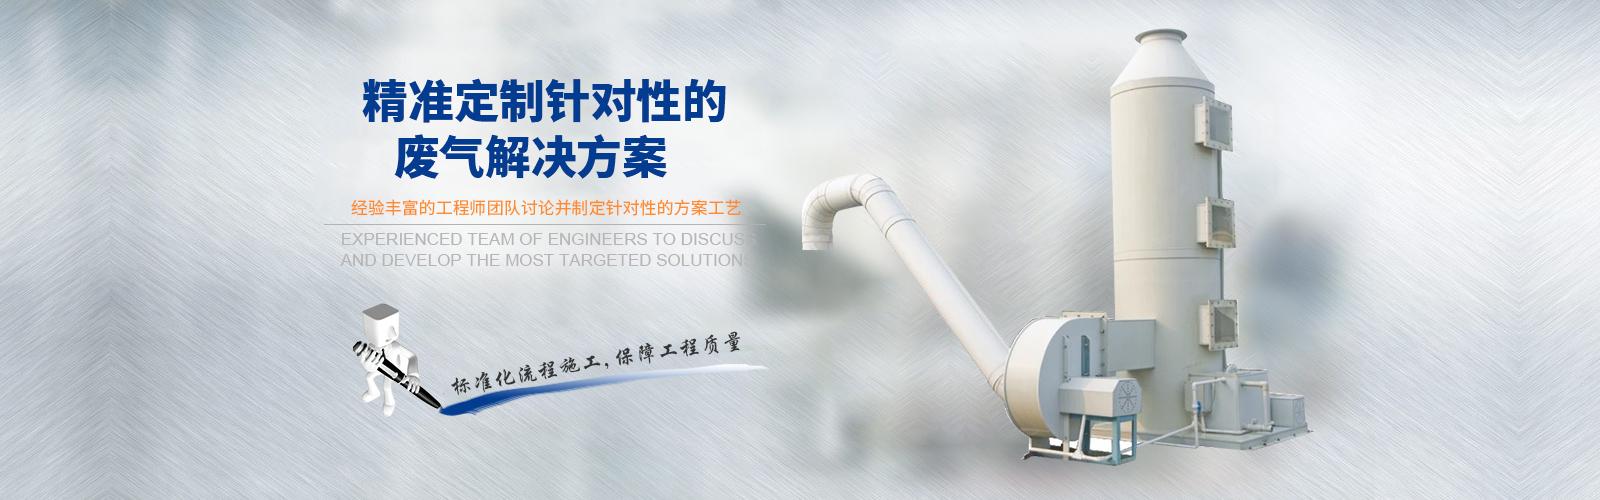 重庆废水处理